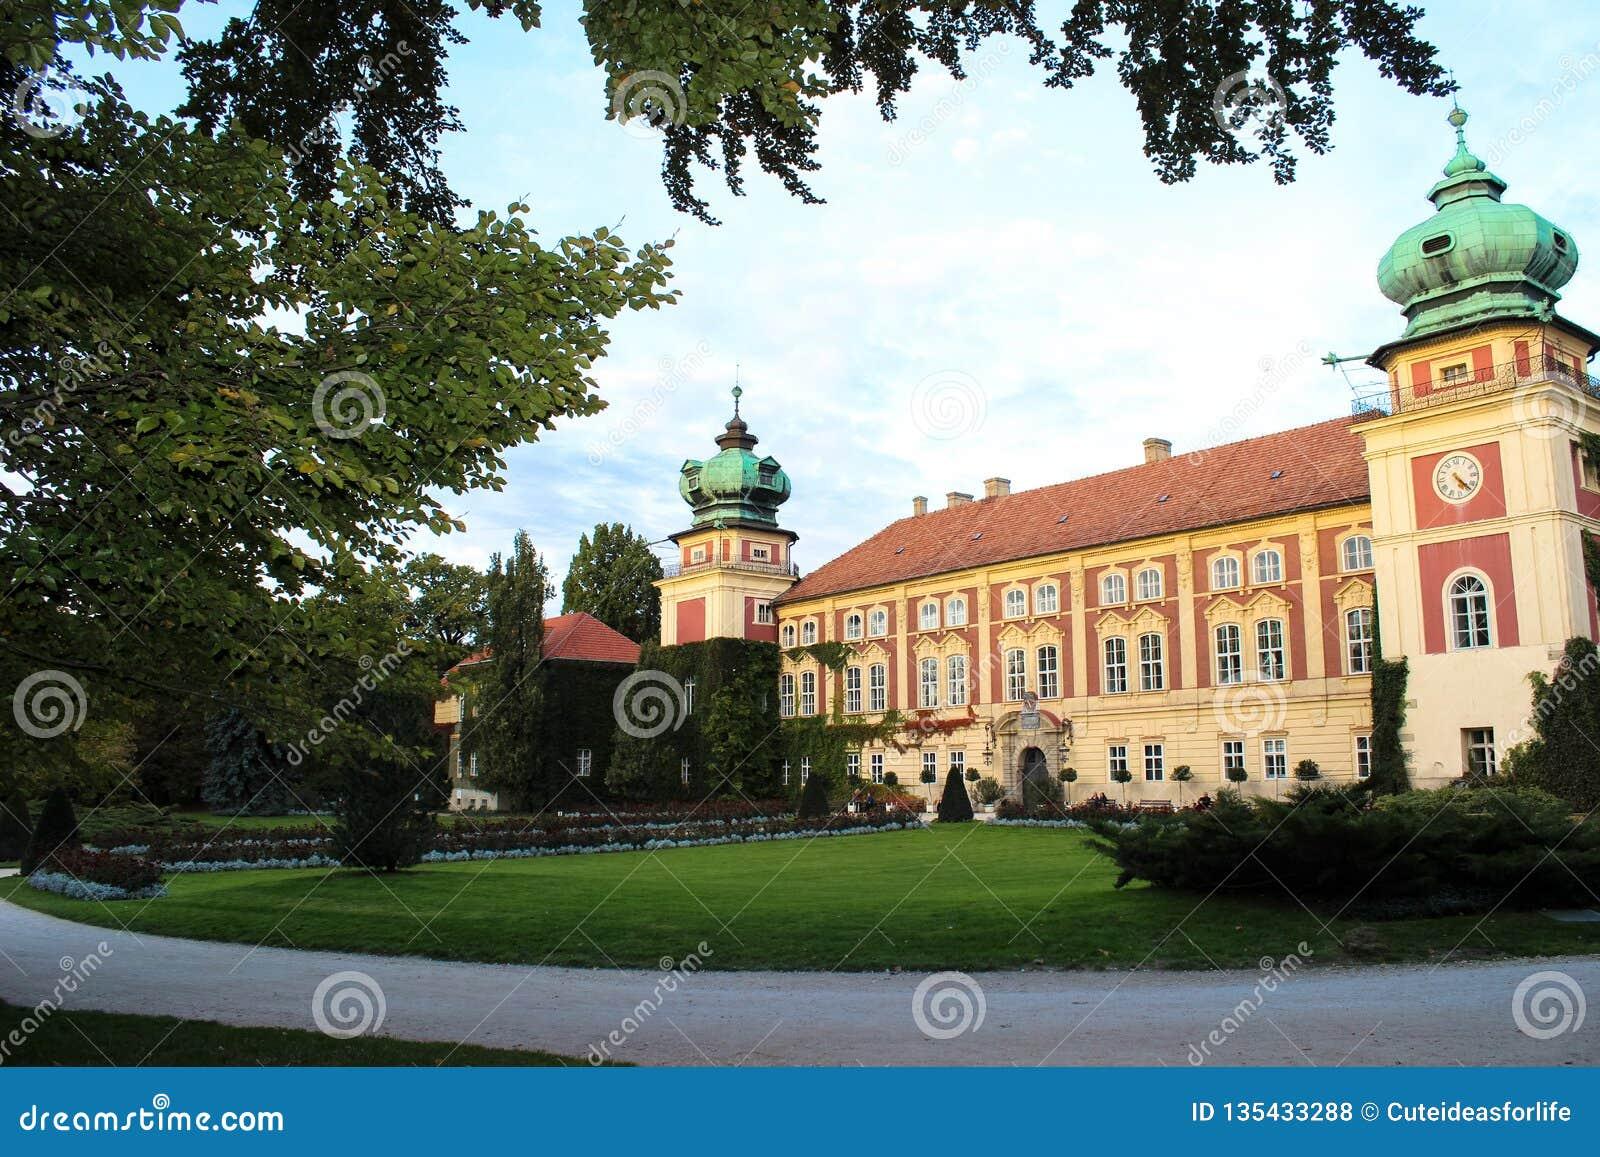 Lancut, Πολωνία - 6 Οκτωβρίου 2013: Ιστορικό Lancut Castle